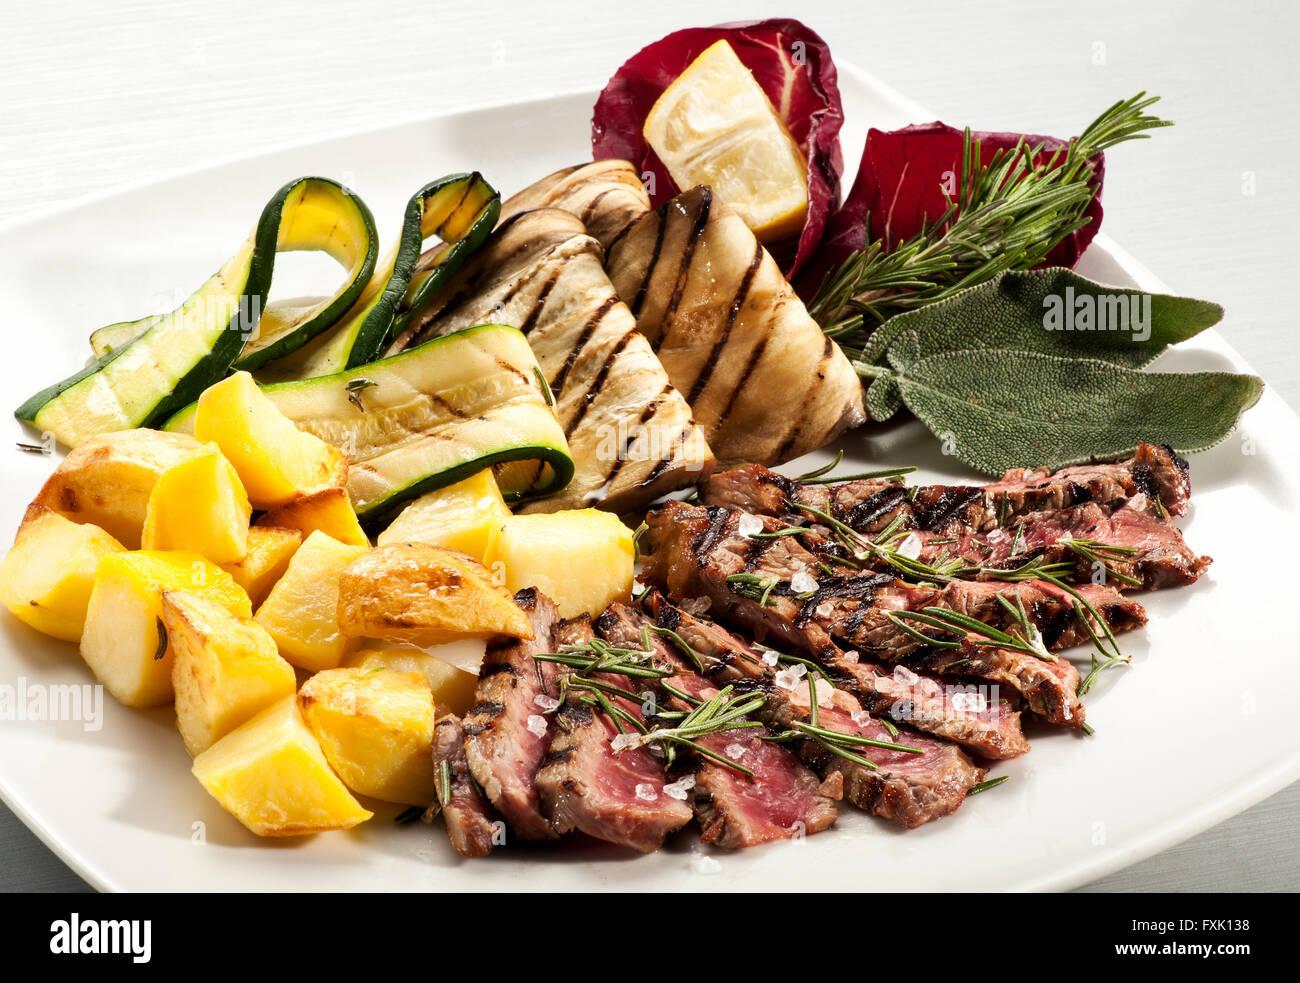 Unico che serve di rara cotti fette di bistecca cotta giallo, patata melanzana e squash con erbe aromatiche sulla Immagini Stock